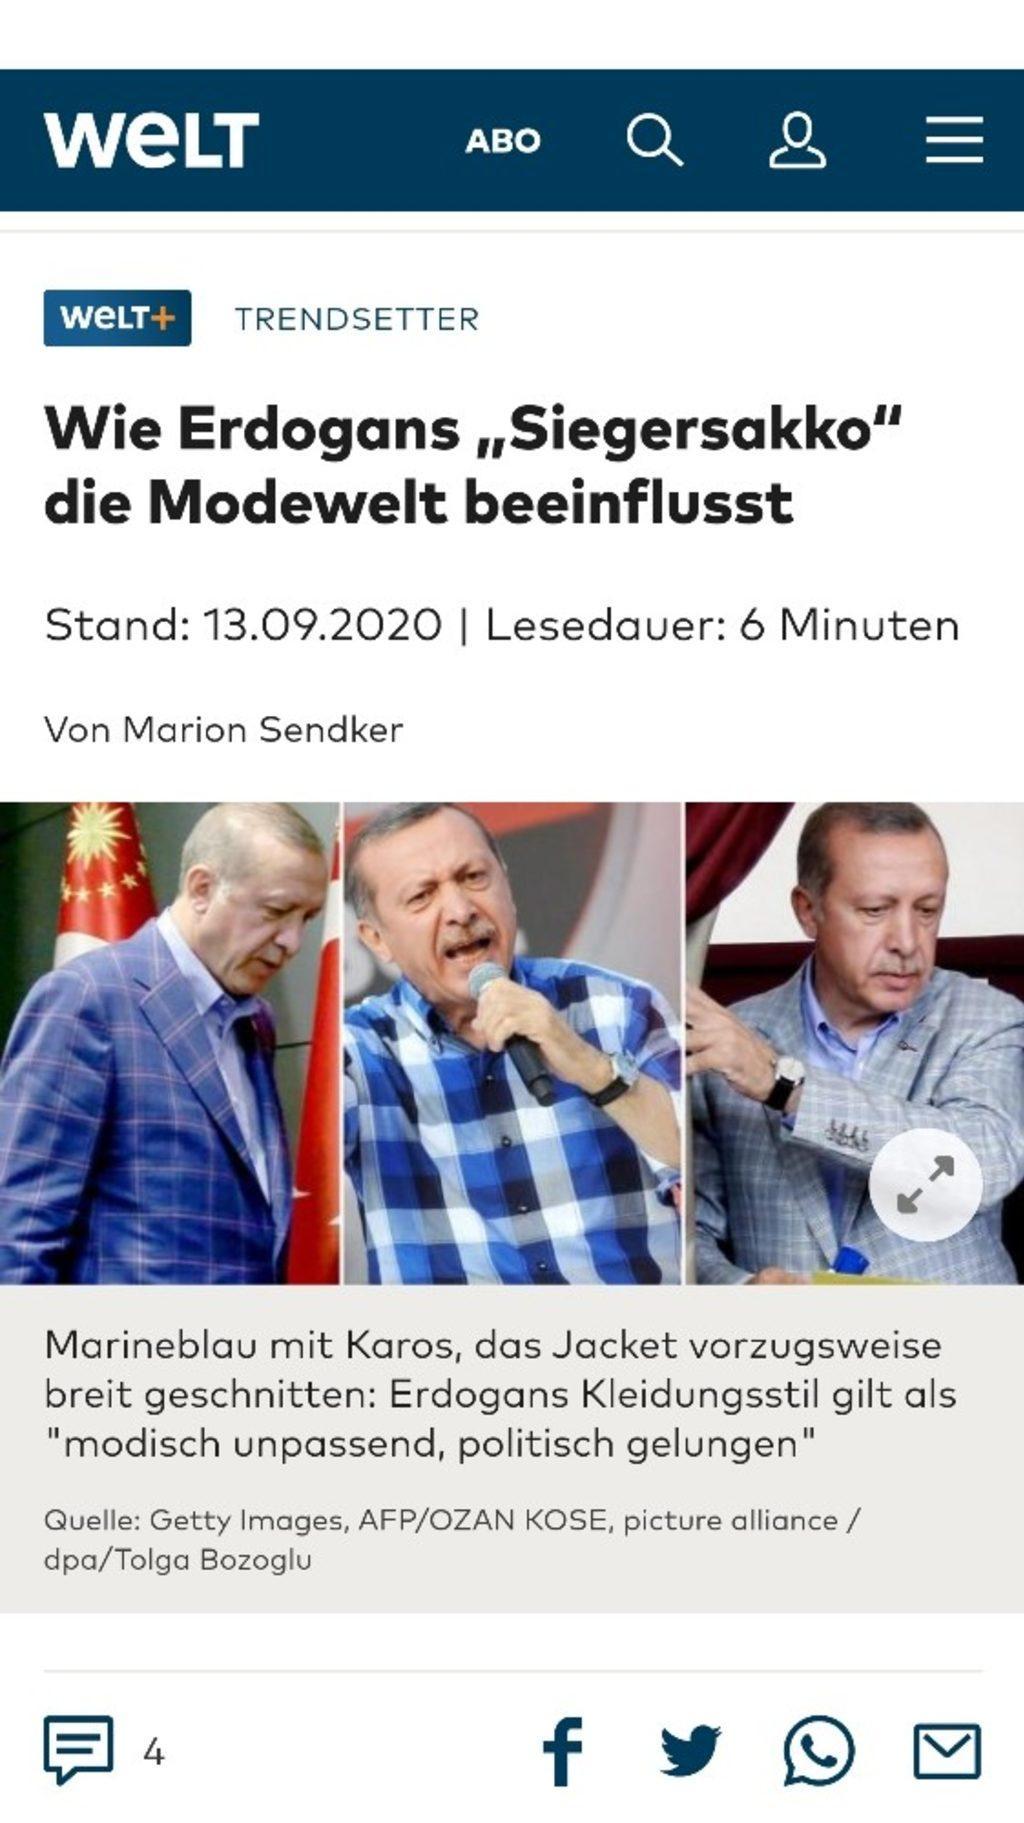 Cumhurbaşkanı Erdoğan'ın 'ceketi' Alman Welt gazetesine haber oldu